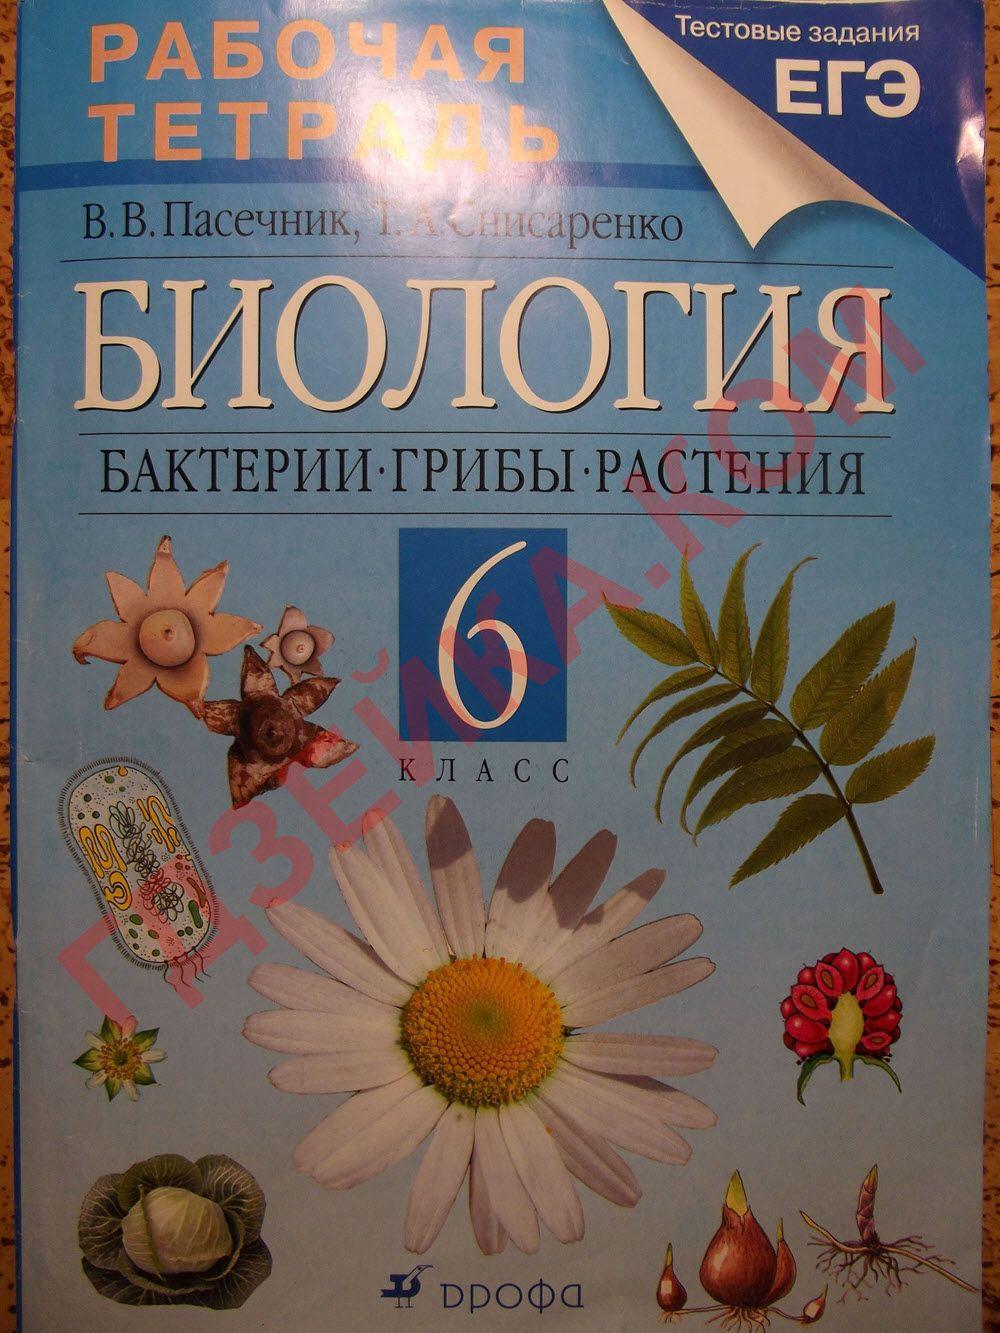 Биология 6 Класс Гдз Рабочая Пасечник